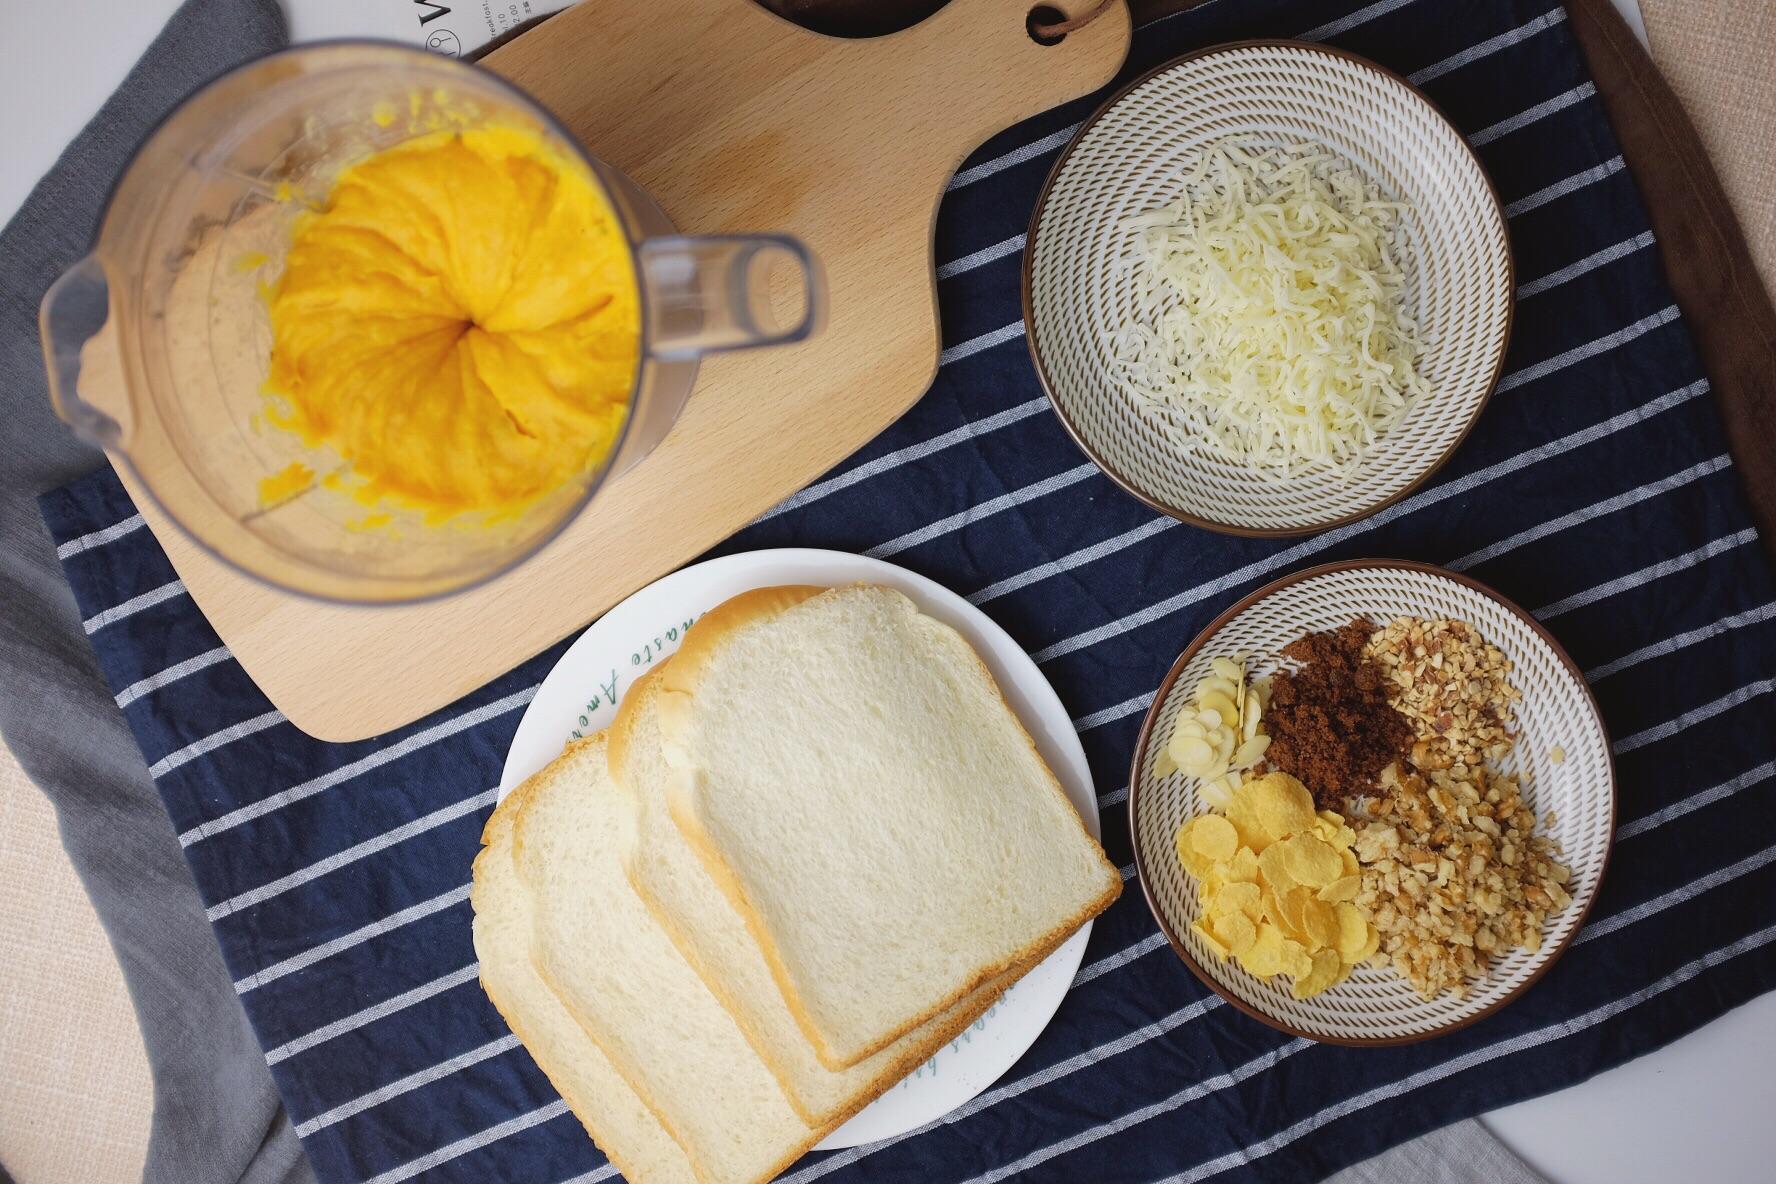 地瓜吐司卷怎么做_地瓜吐司卷的做法_李奶奶的廚房_豆果美食